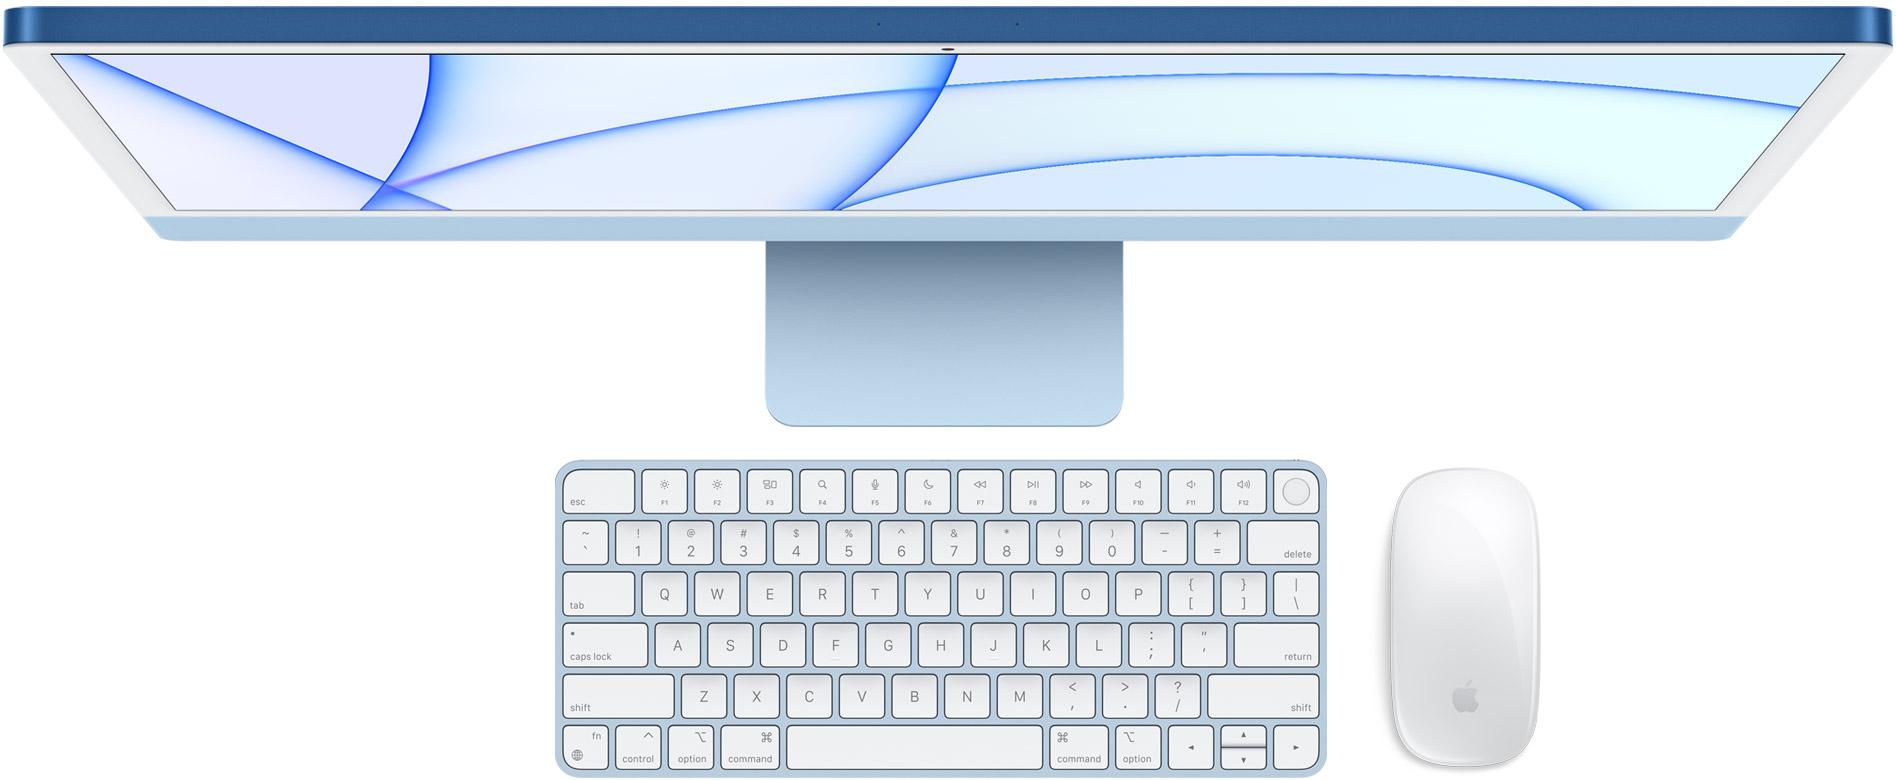 iMac 24 inch 2021 in the box